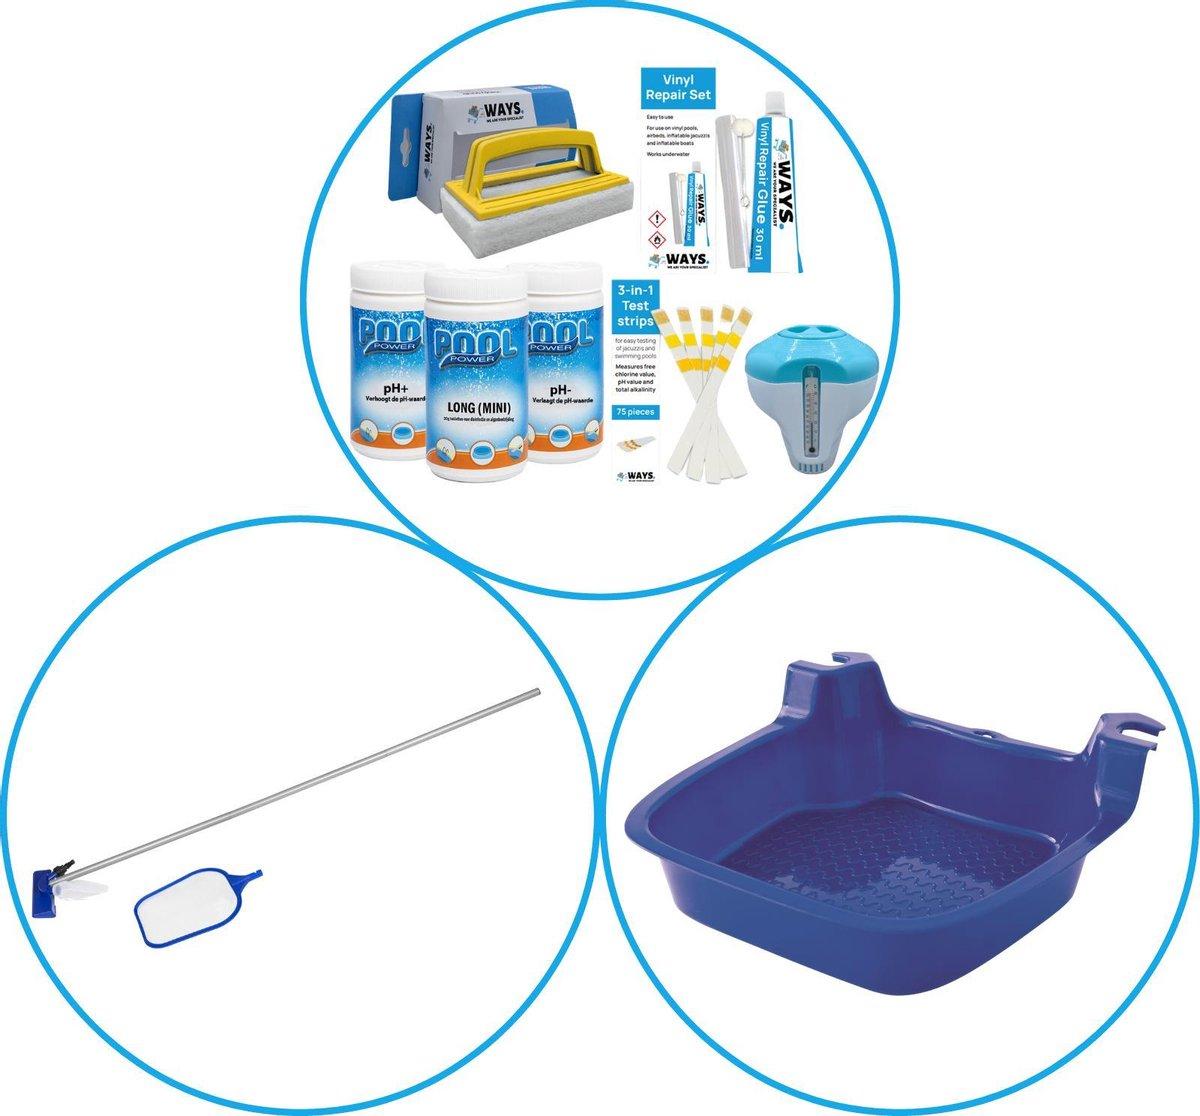 WAYS - Zwembad Accessoirepakket 3-delig - WAYS Onderhoudspakket & Onderhoudsset & Voetenbad